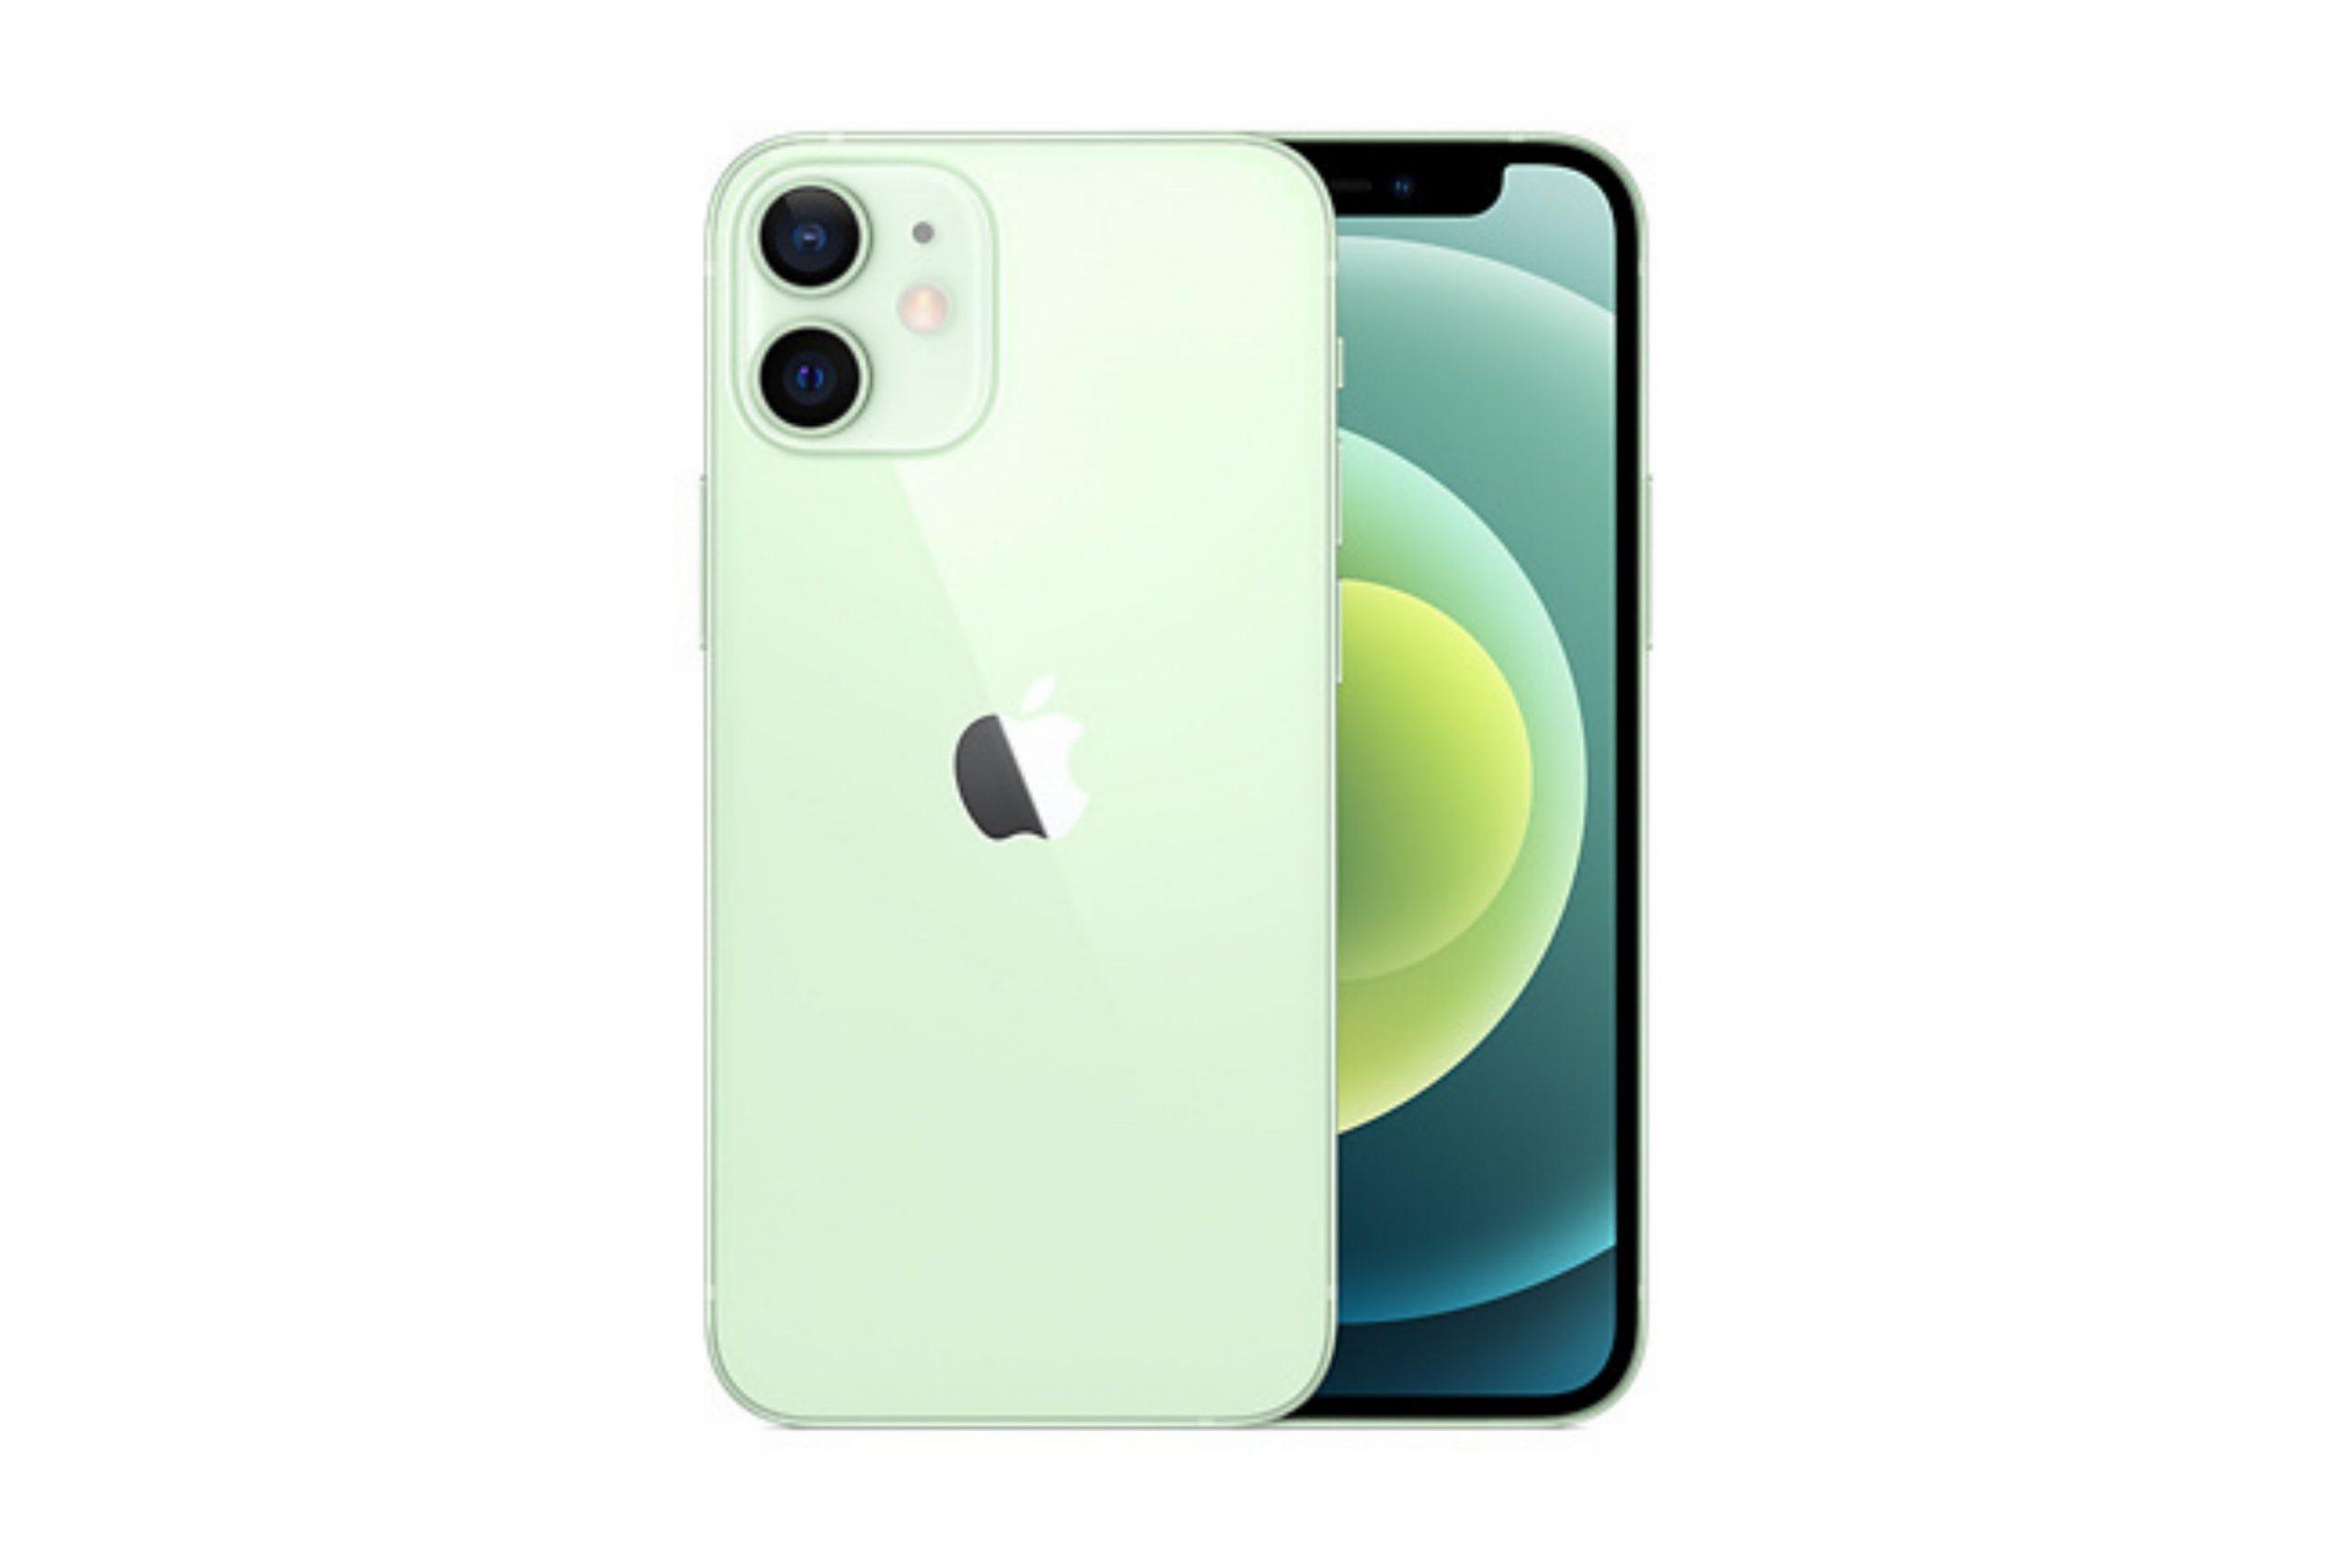 iphone 12 mini repair in kolkata